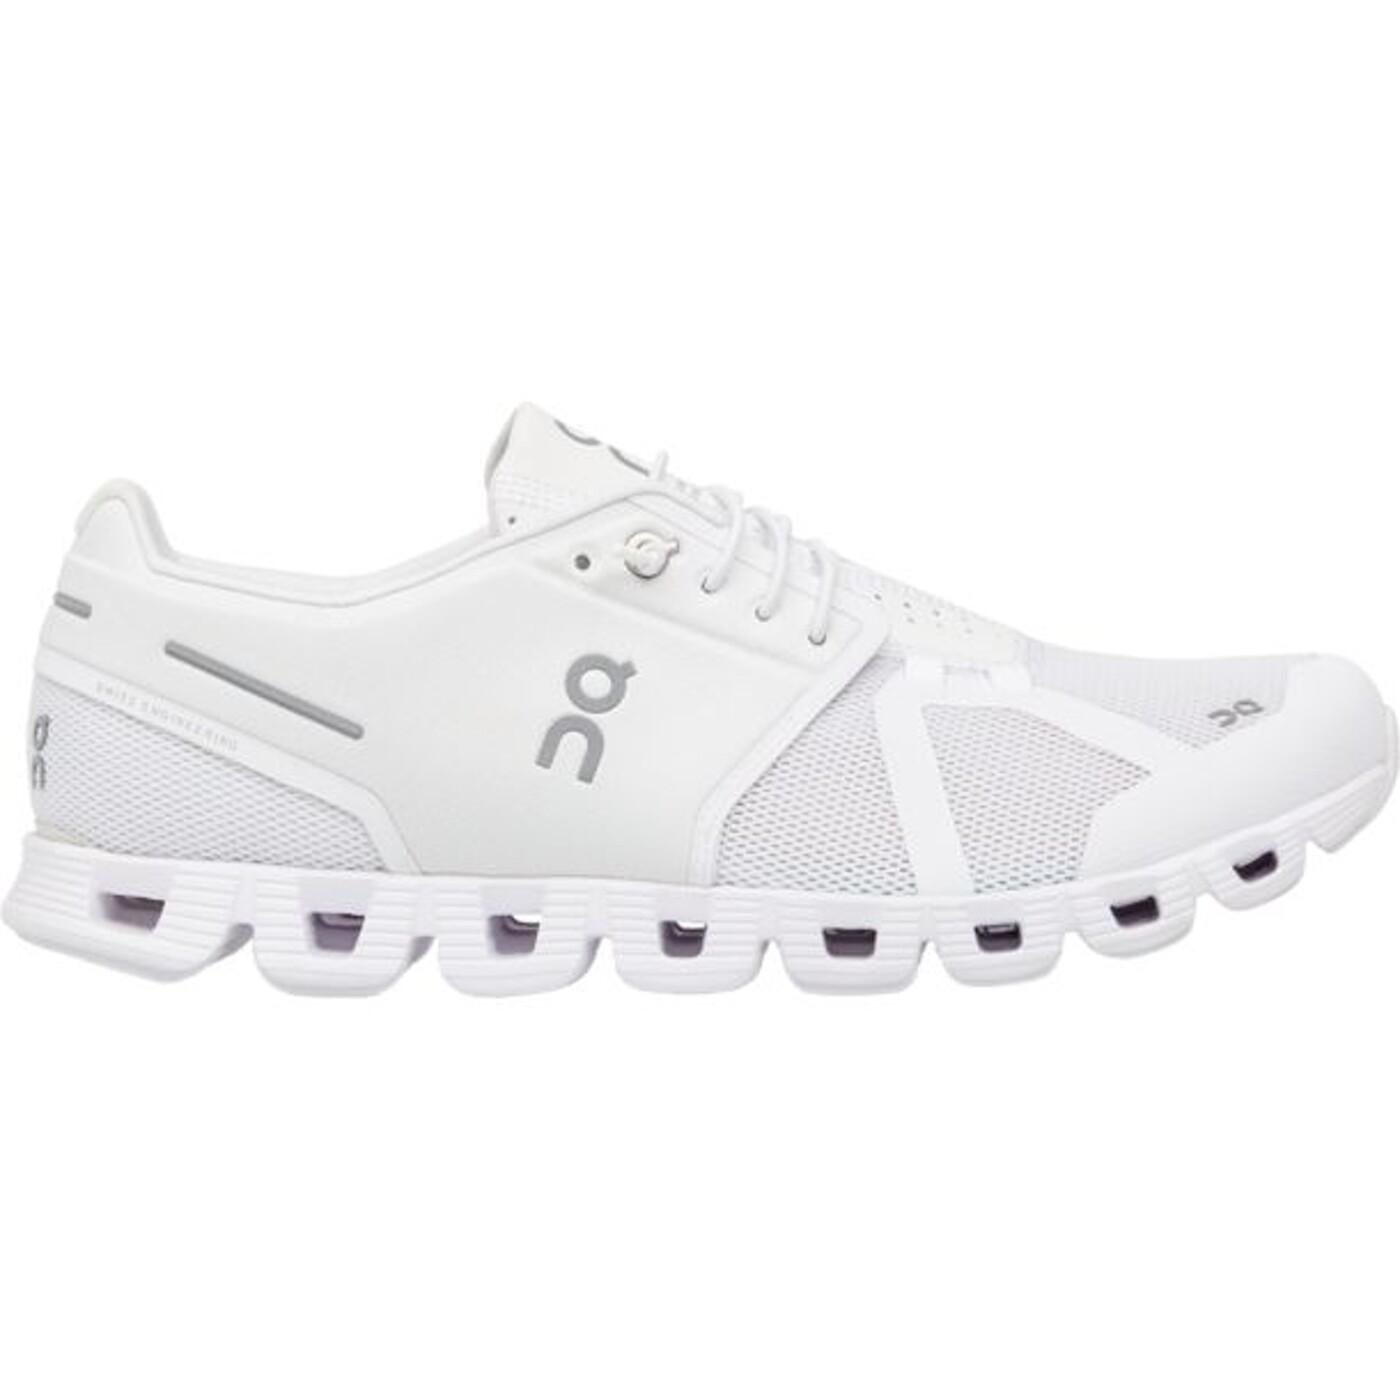 Schuh CLOUD 19.99833 ON - Herren